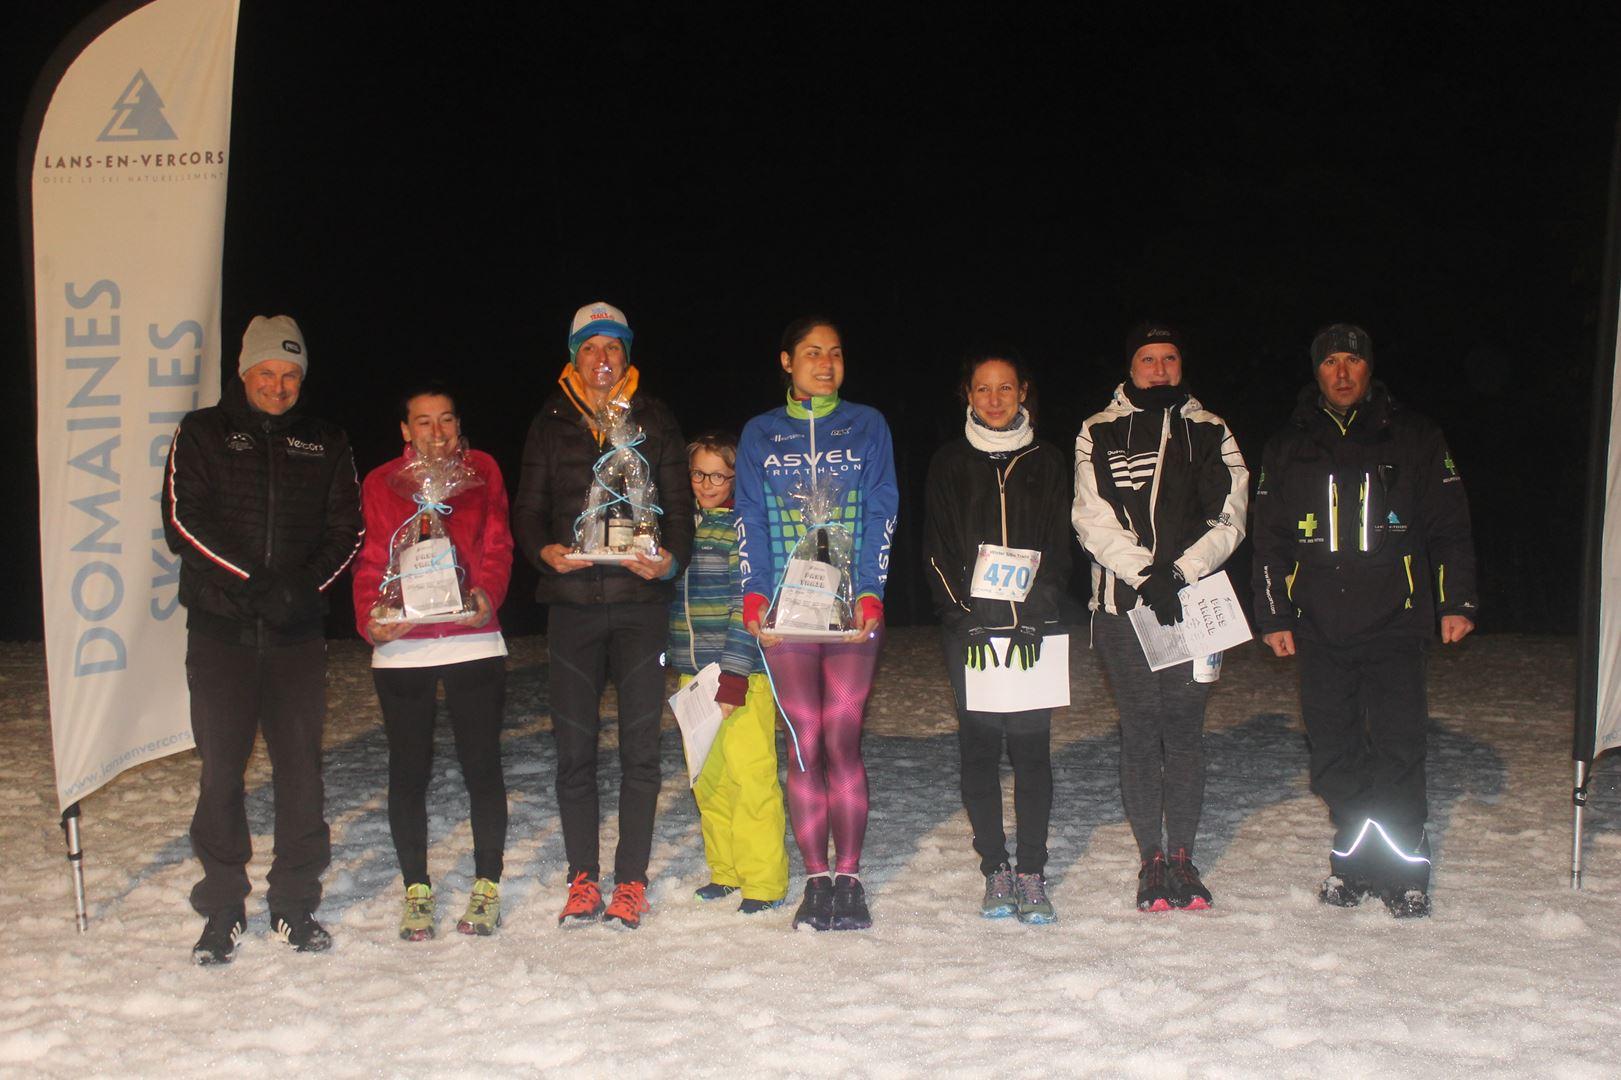 copie 0 podium femmes du 16km - RÉSULTATS DU SIBO TRAIL BLANC LANS EN VERCORS (38) 02/03/2019